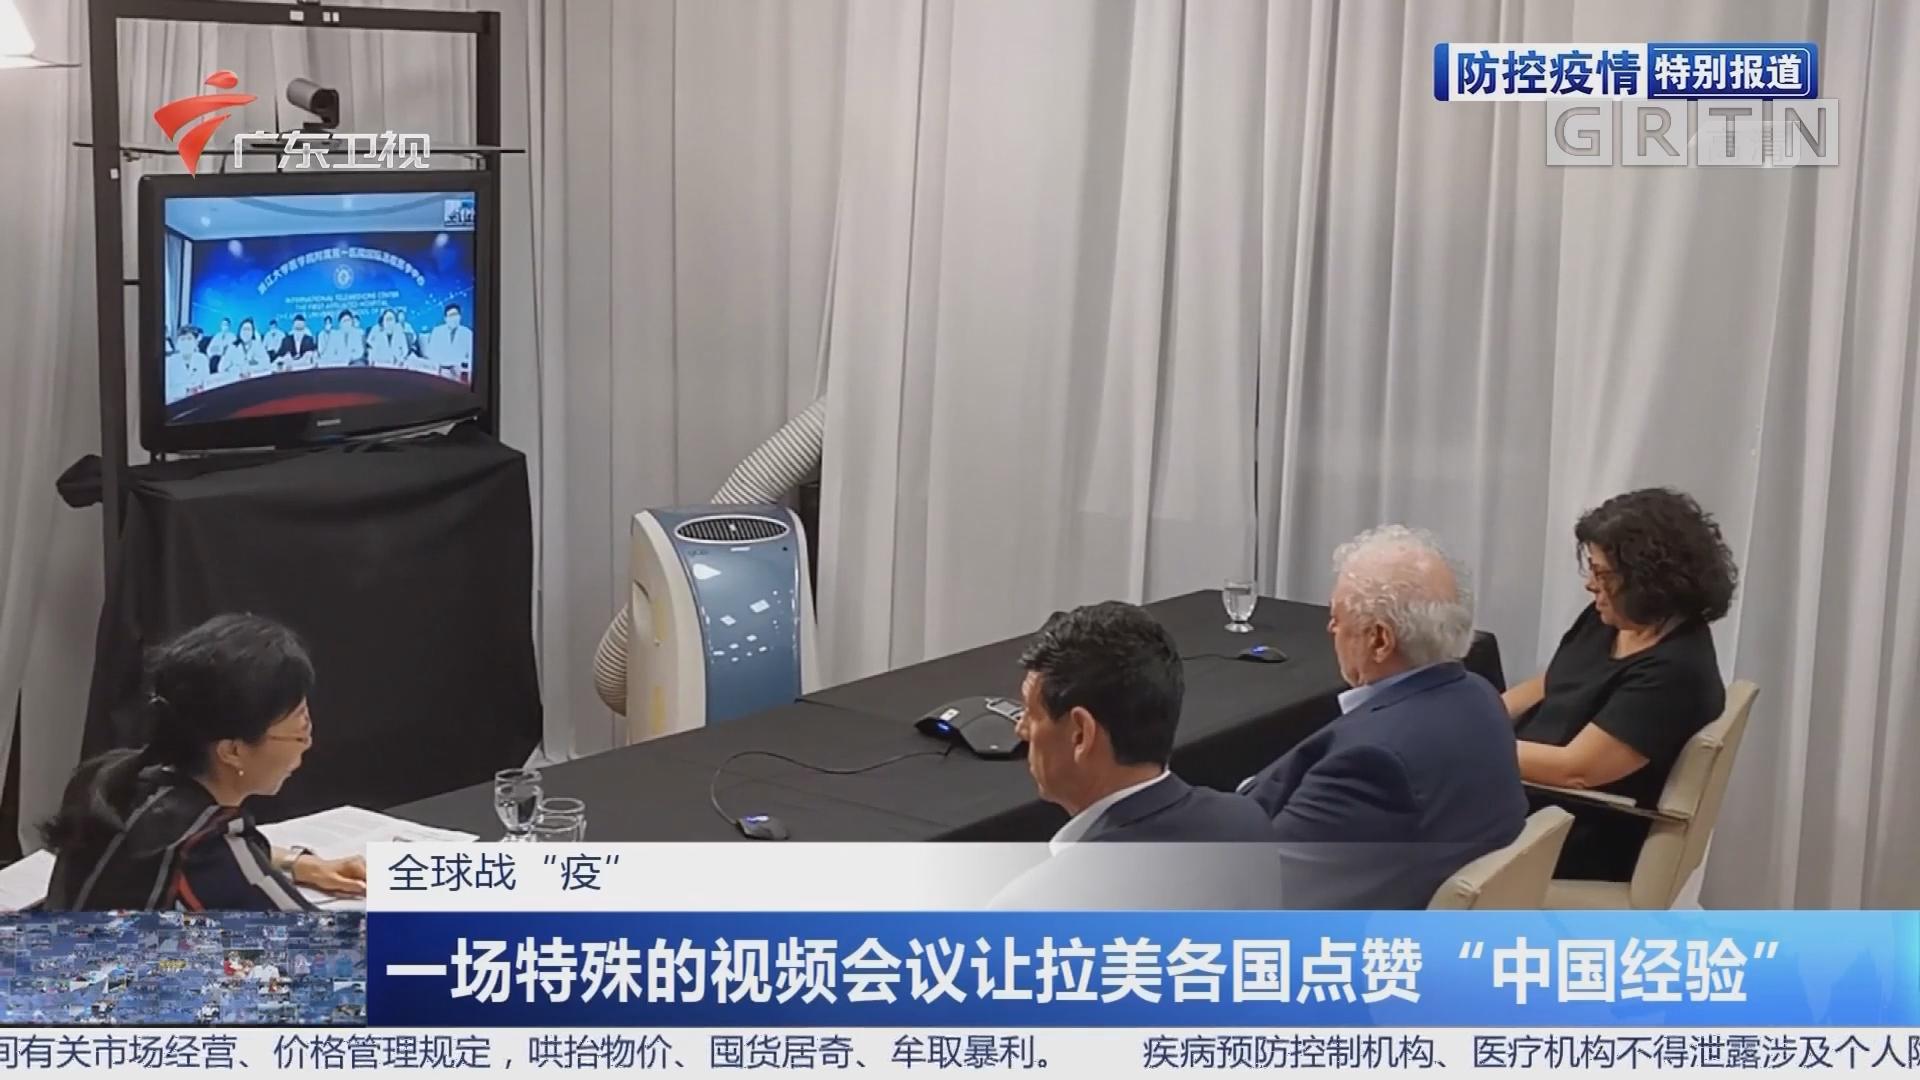 """一场特殊的视频会议让拉美各国点赞""""中国经验"""""""